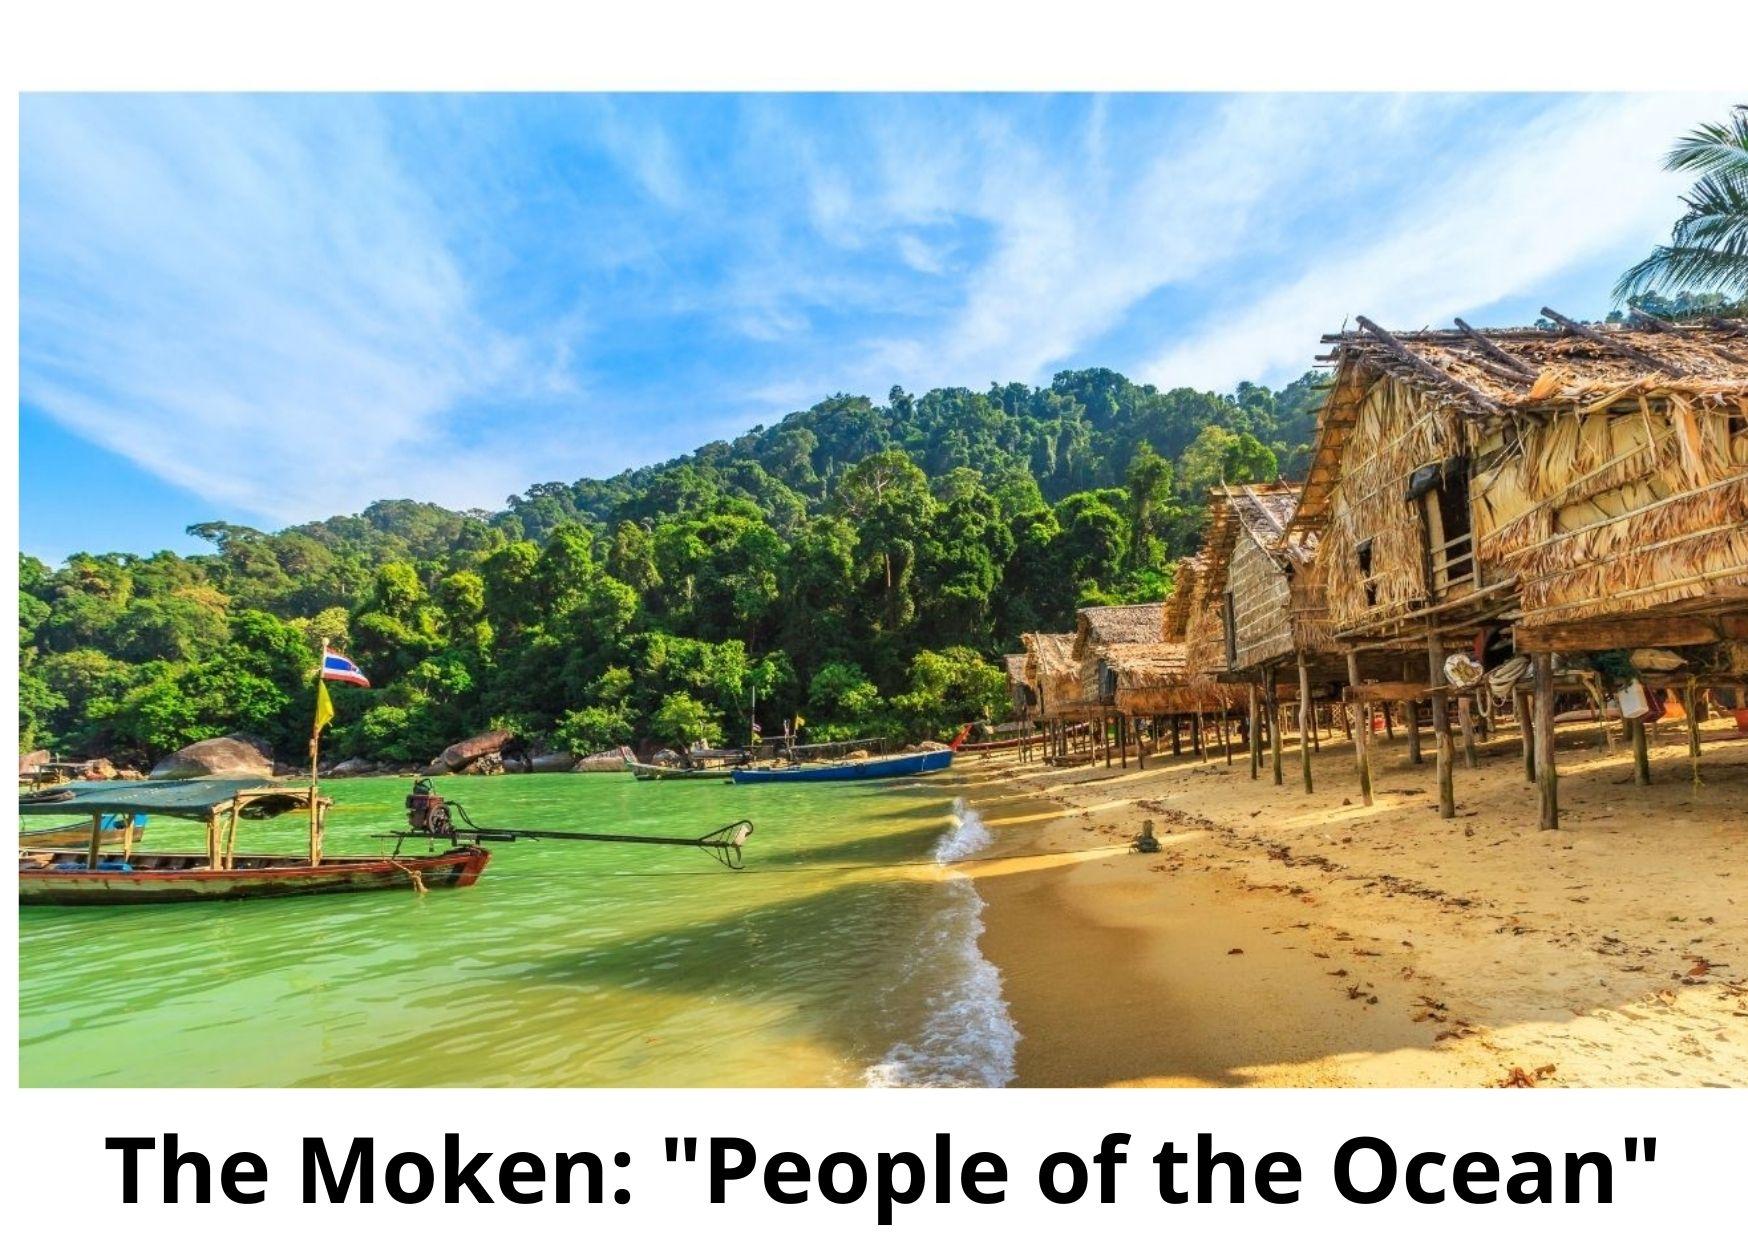 The Moken People of the Ocean (3)